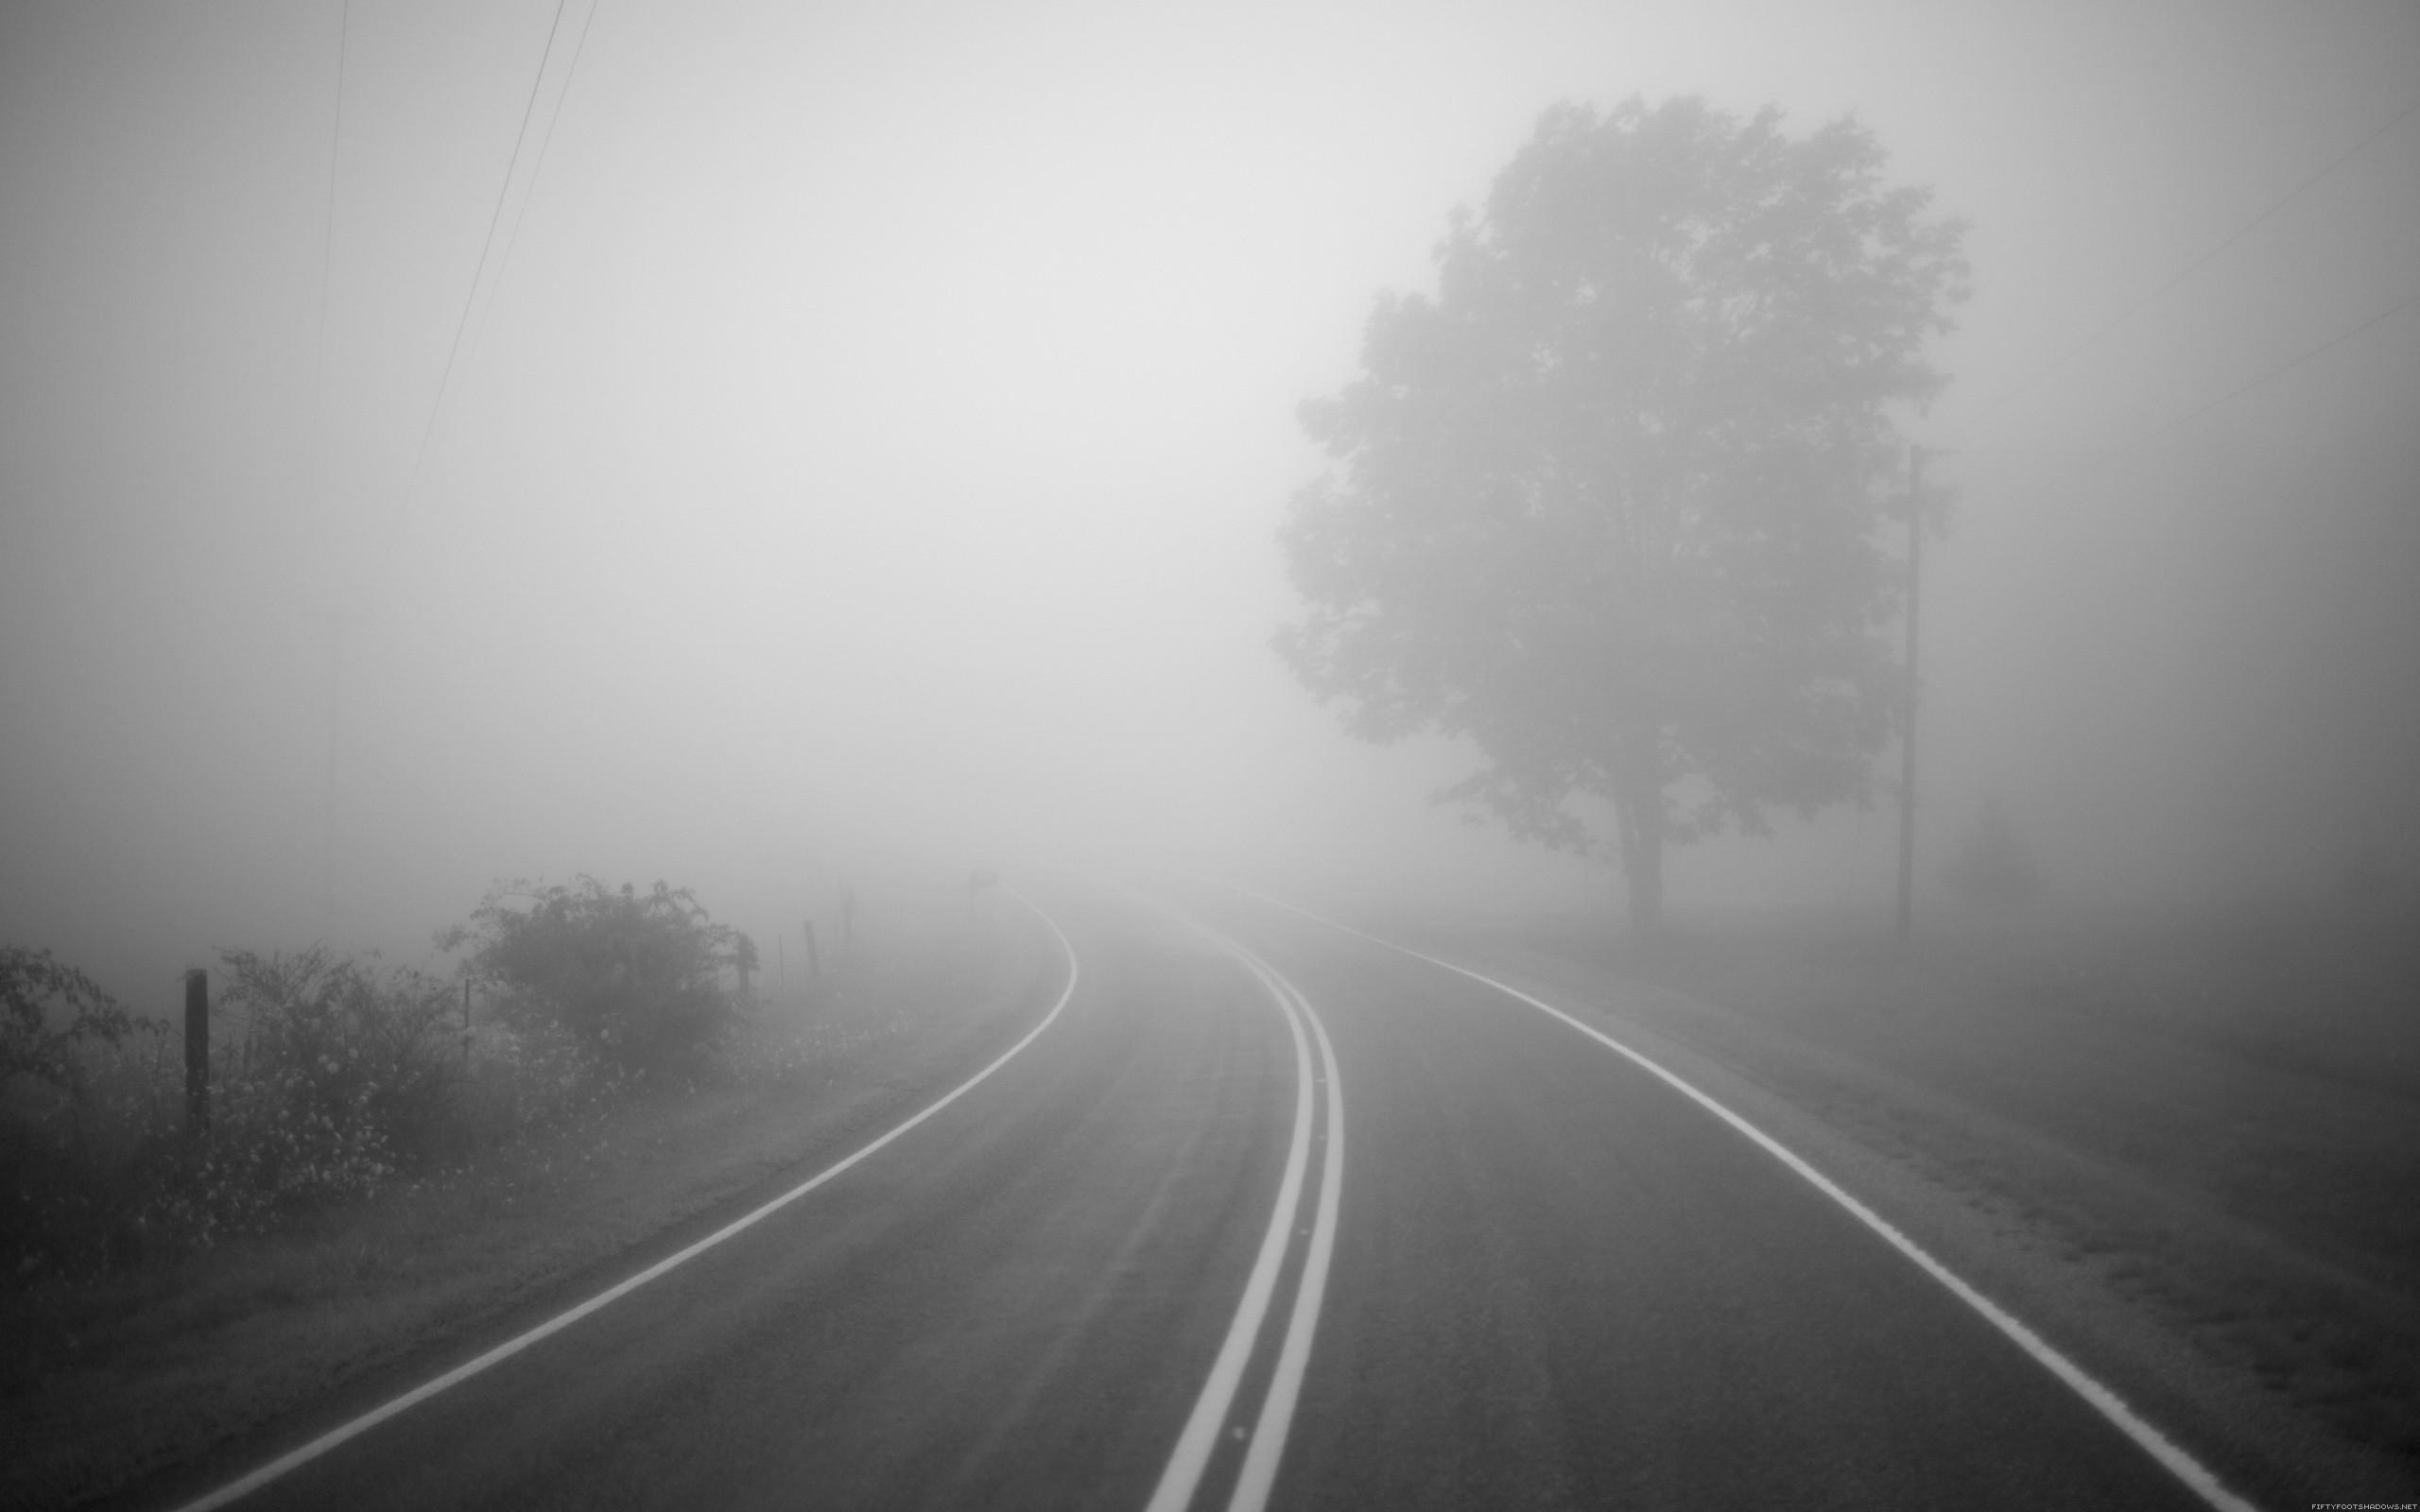 Закарпатців попереджають про густі тумани на дорогах